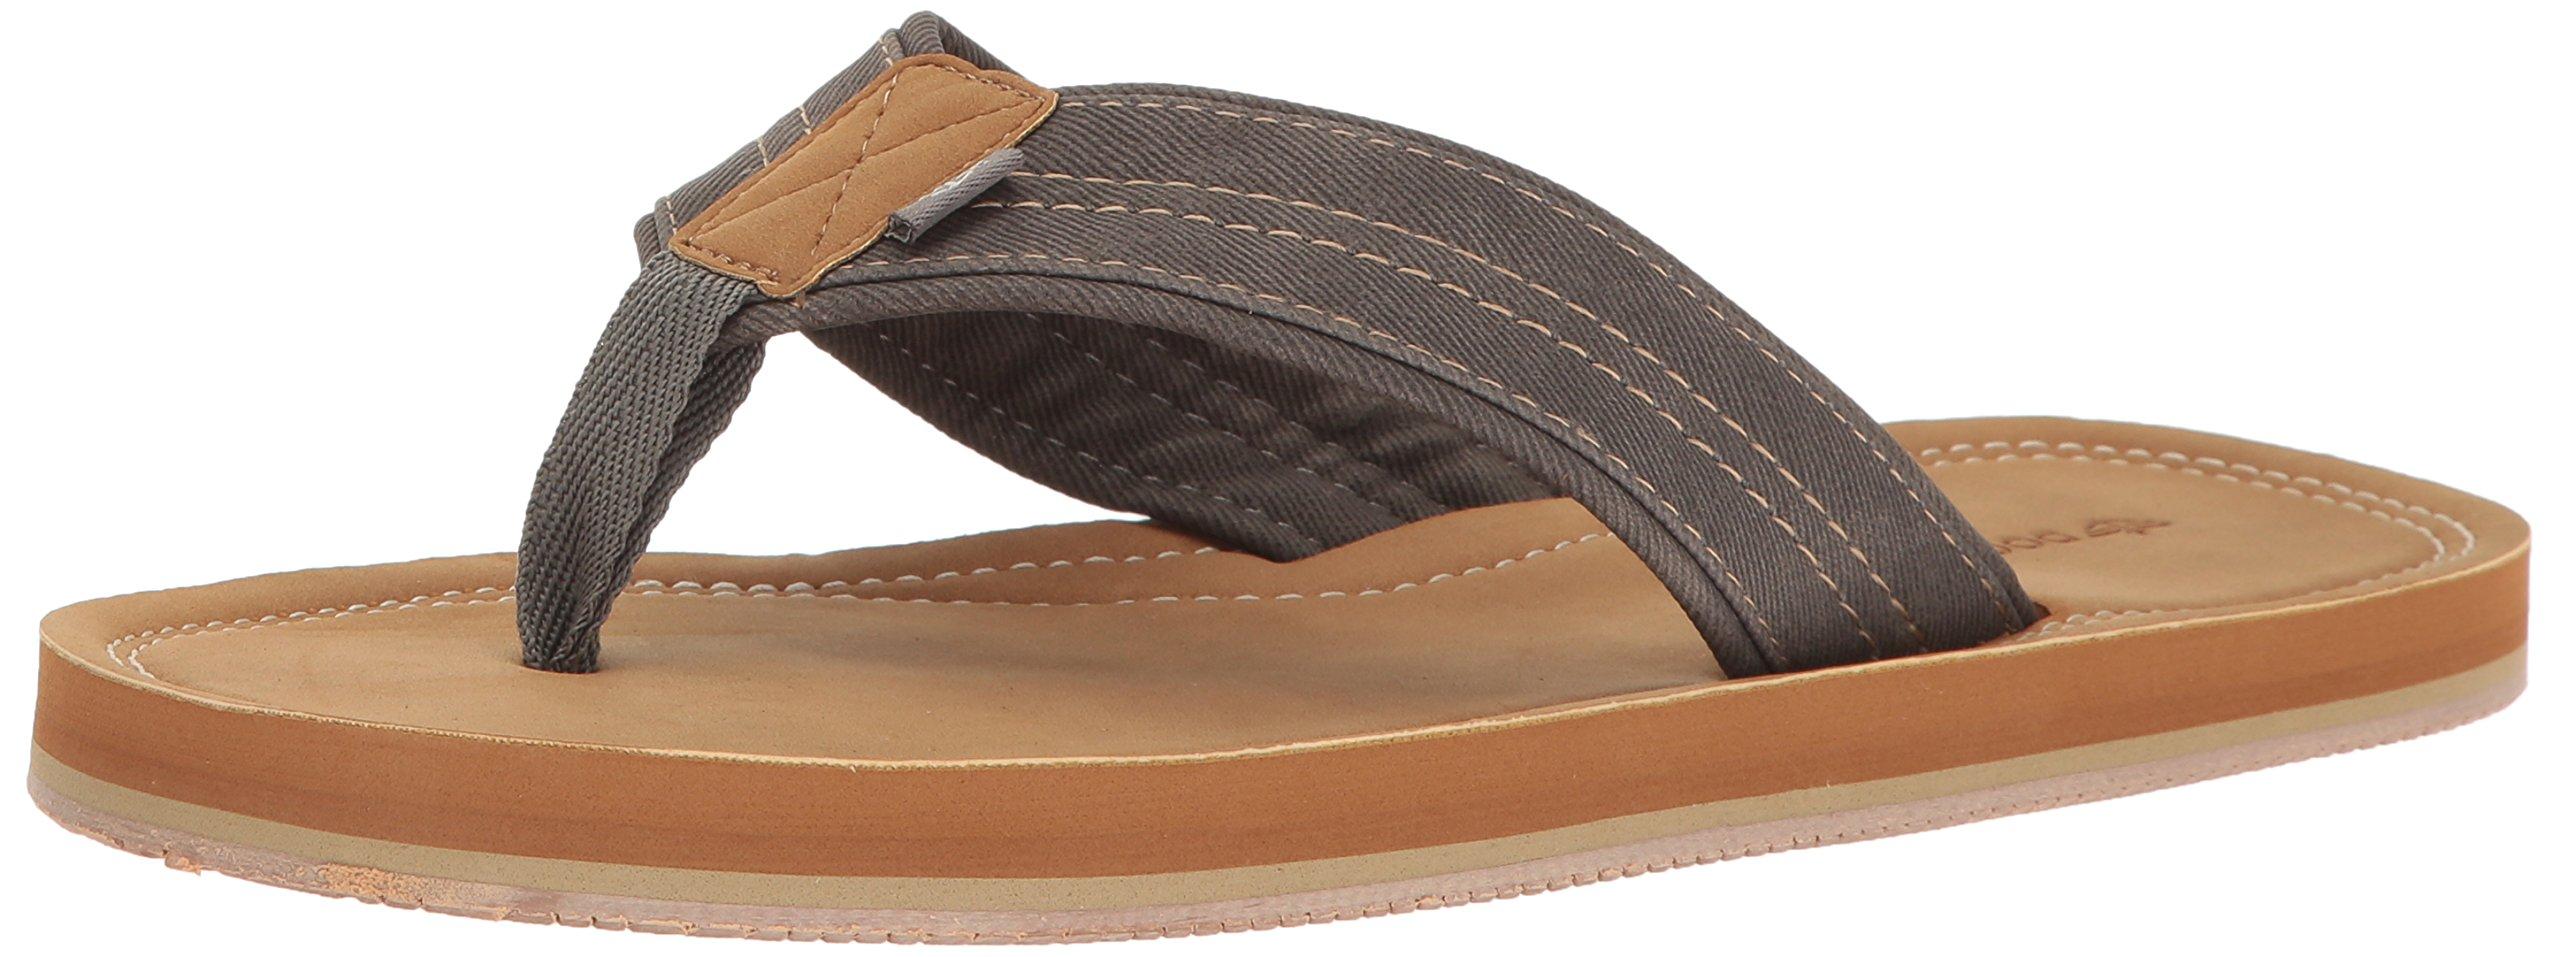 Dockers Men's Kevin Textural Classic Sandal Flip Flop, Grey, Medium/7-8 M US